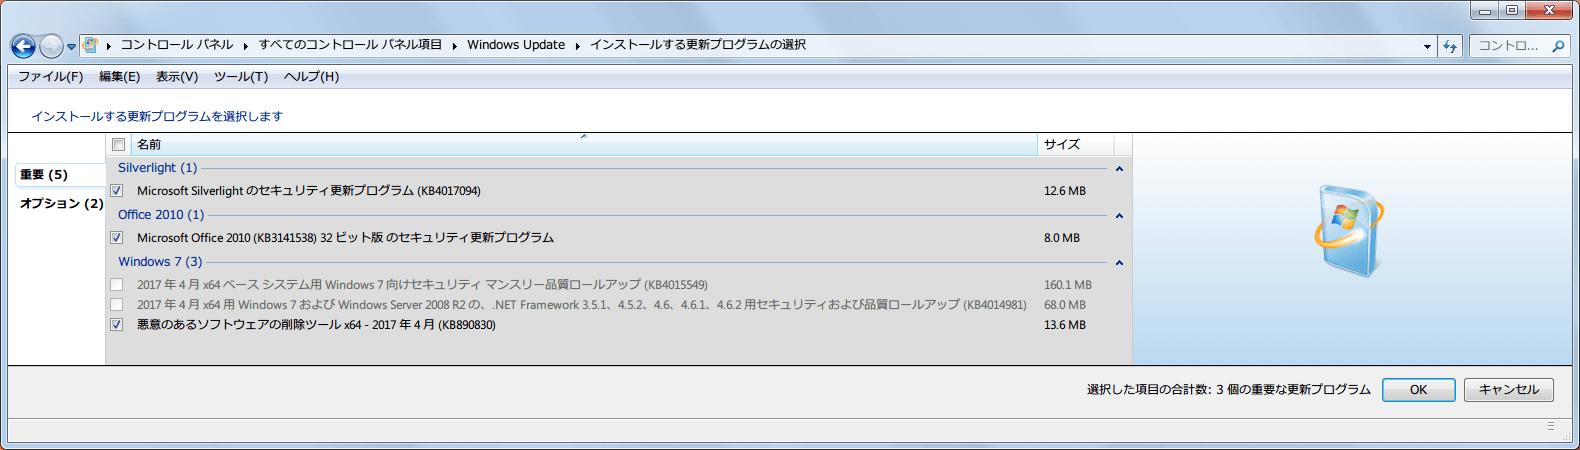 Windows 7 64bit Windows Update 重要 2017年4月分リスト KB4015549、KB4014981 非表示